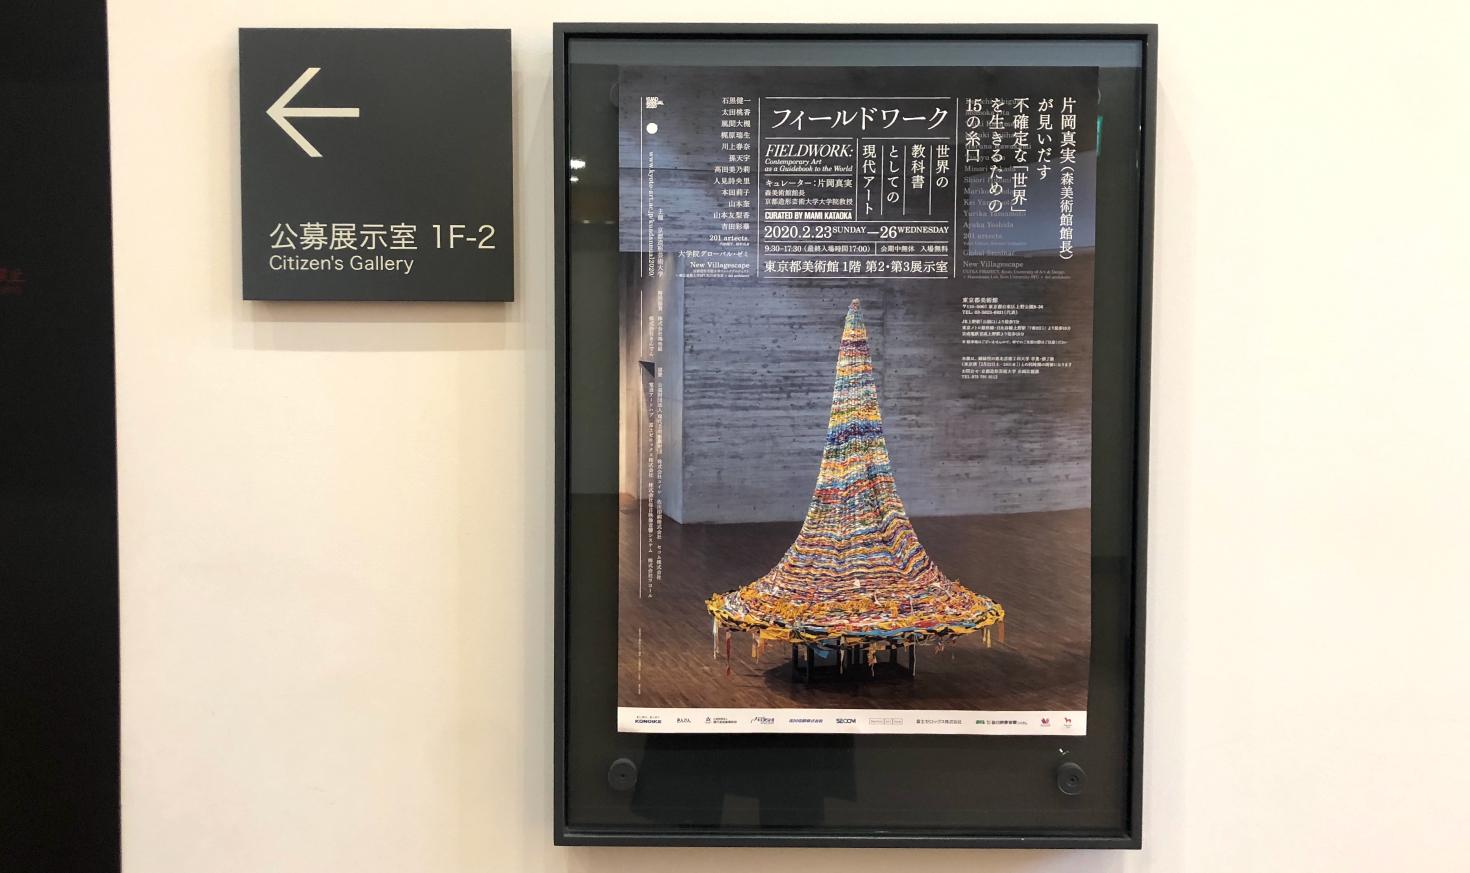 京都造形芸術大学の『フィールドワーク』が投げかけた問い  後編|当事者意識を持って捉え直す